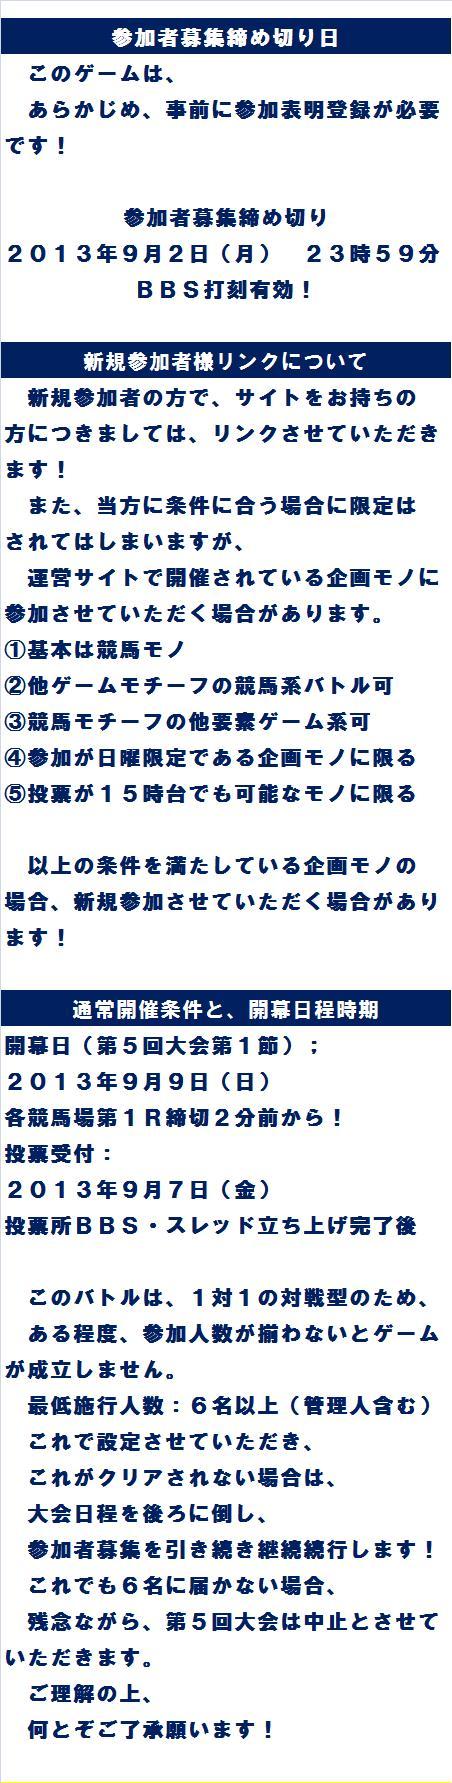 20130818・第5回ダルマンリーグ補足記事A.jpg